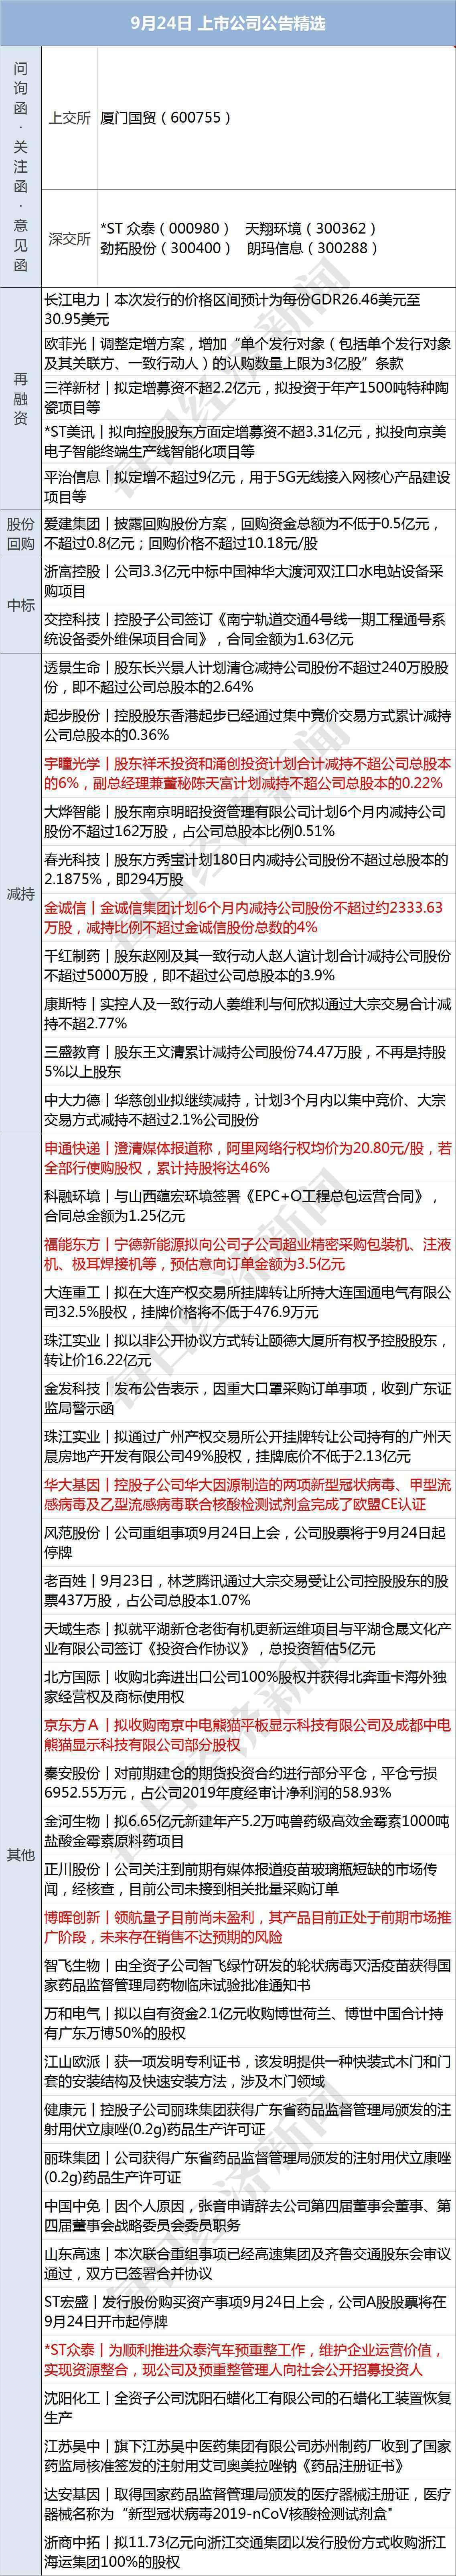 早财经|疫情反弹!法国公布最新抗疫措施;上海:复旦等4所大学应届生符合条件可直接落户;两部门:允许持三类有效居留许可外国人入境